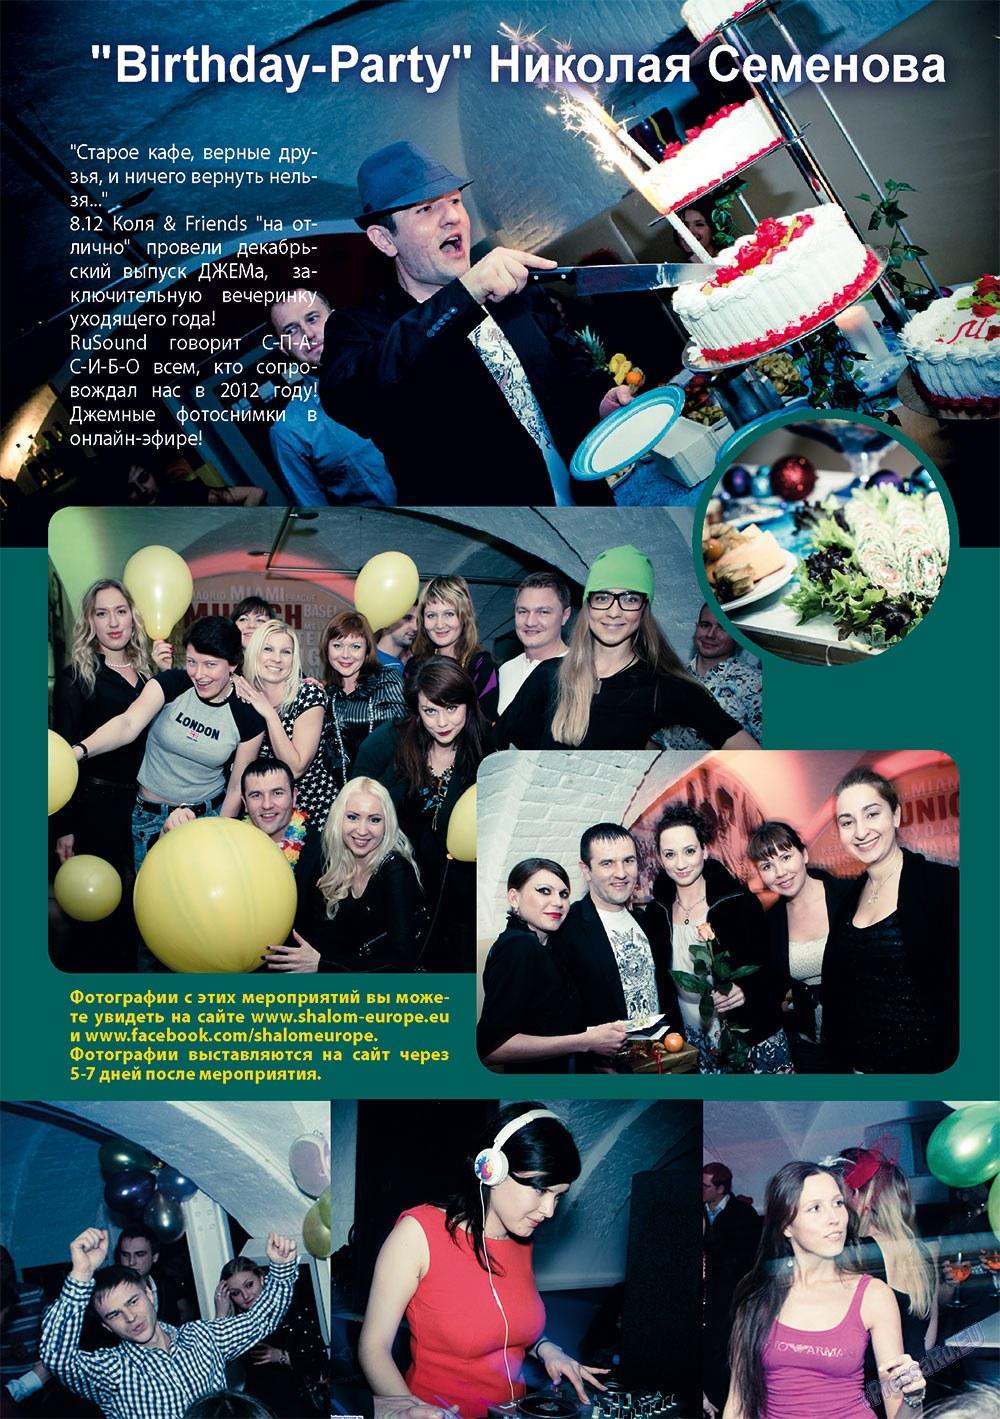 Апельсин (журнал). 2013 год, номер 42, стр. 28